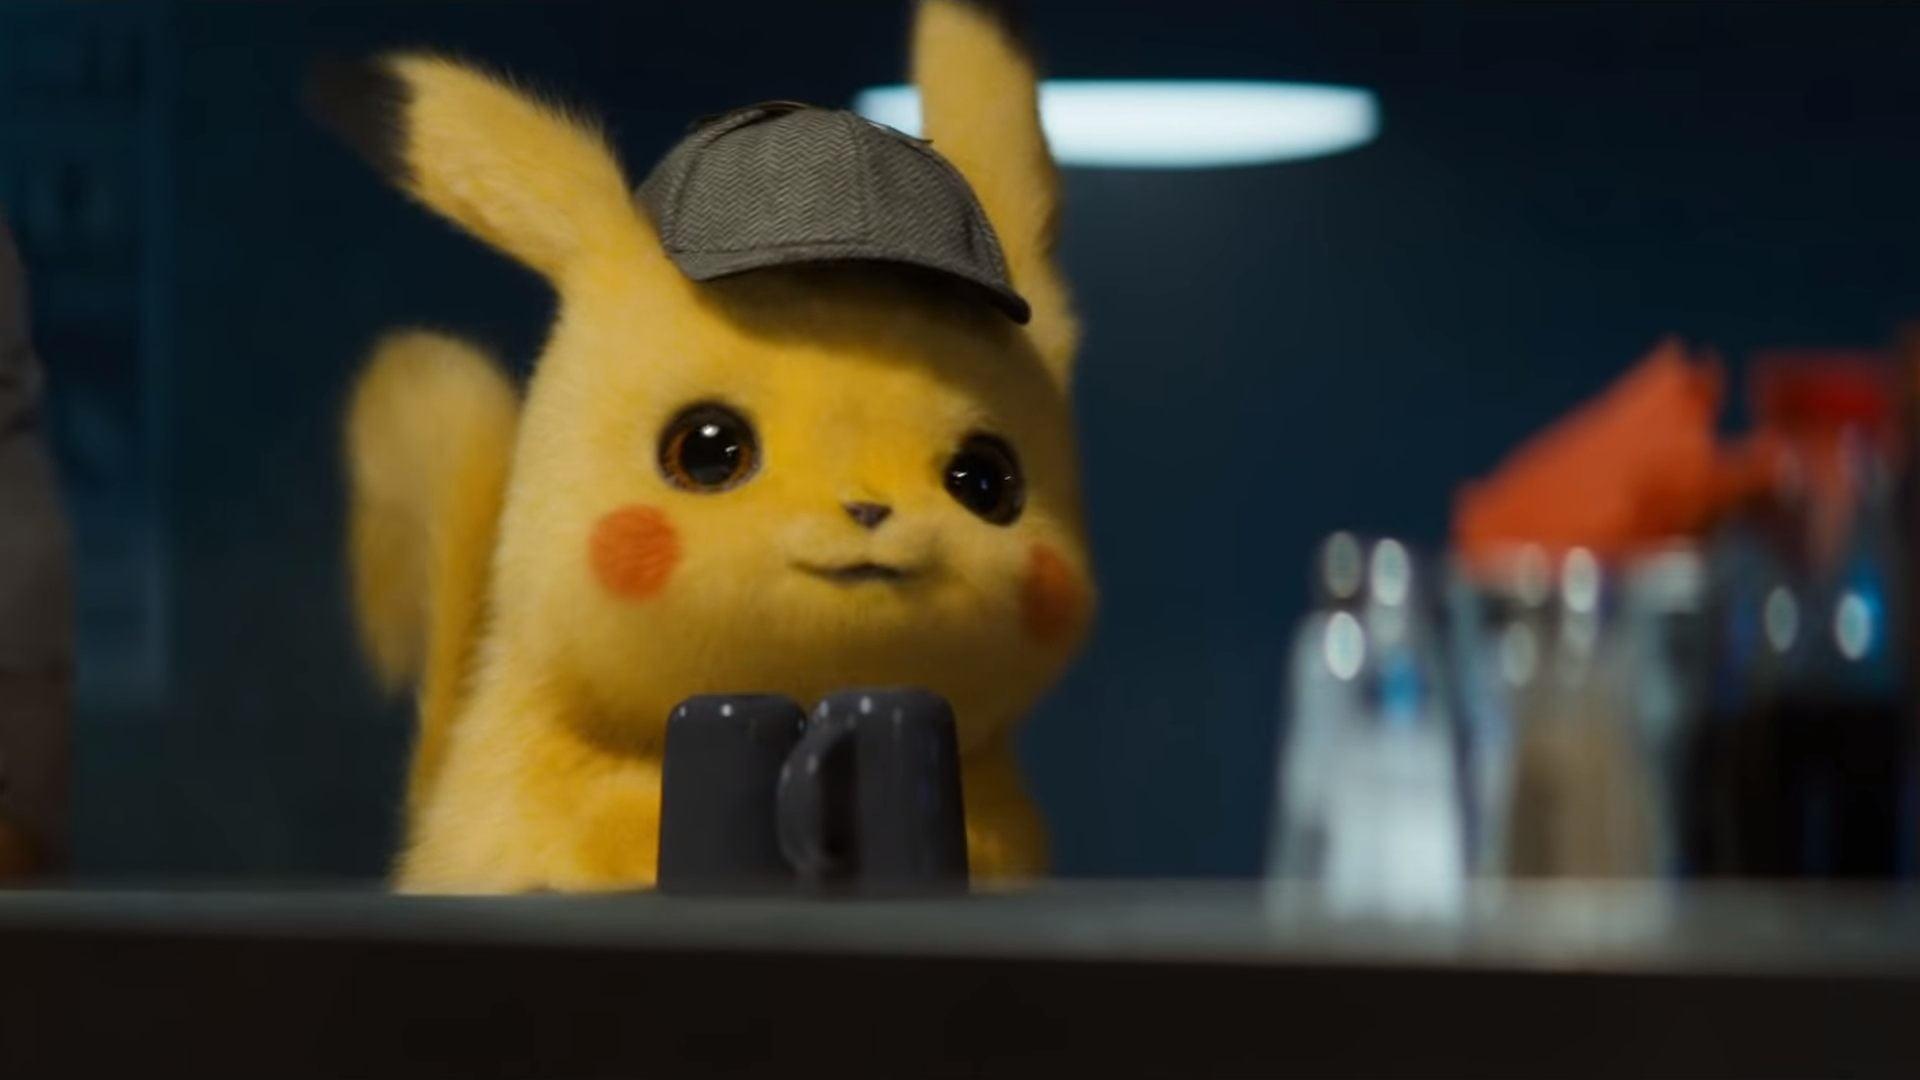 Pokemon Detective Pikachu Wallpaper 4k